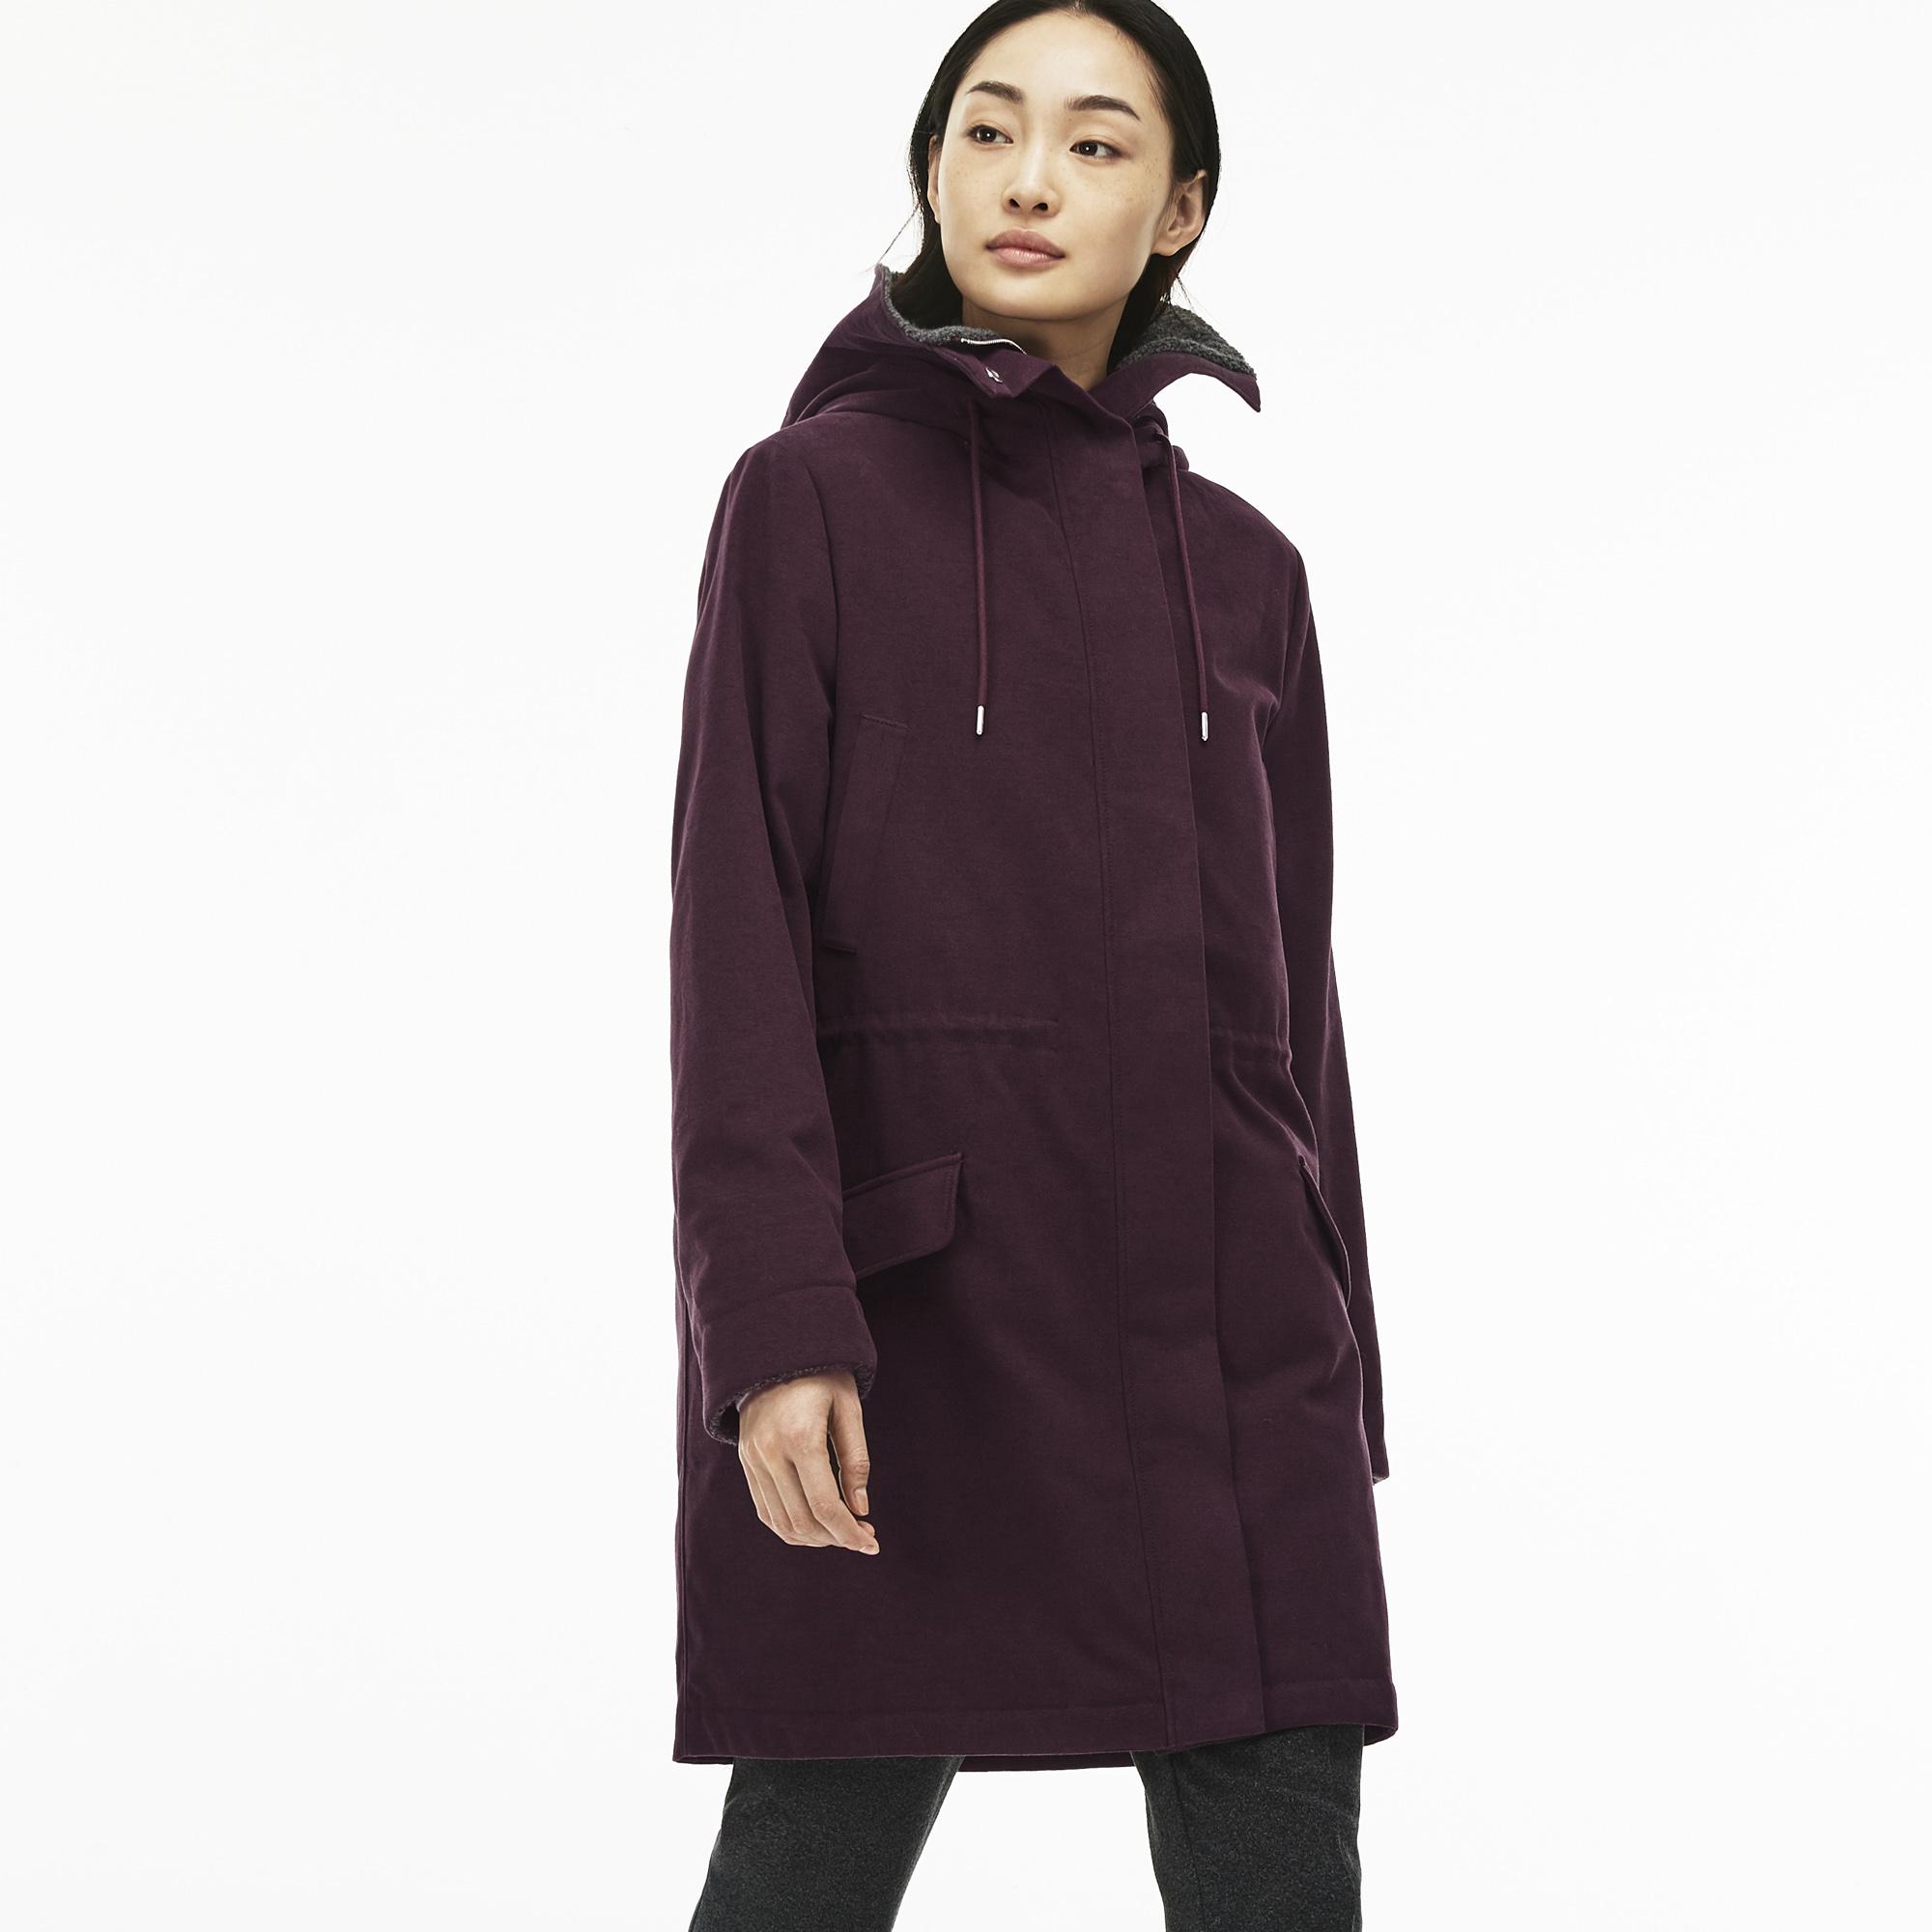 Купить Куртка Lacoste, фиолетовый, BF7830